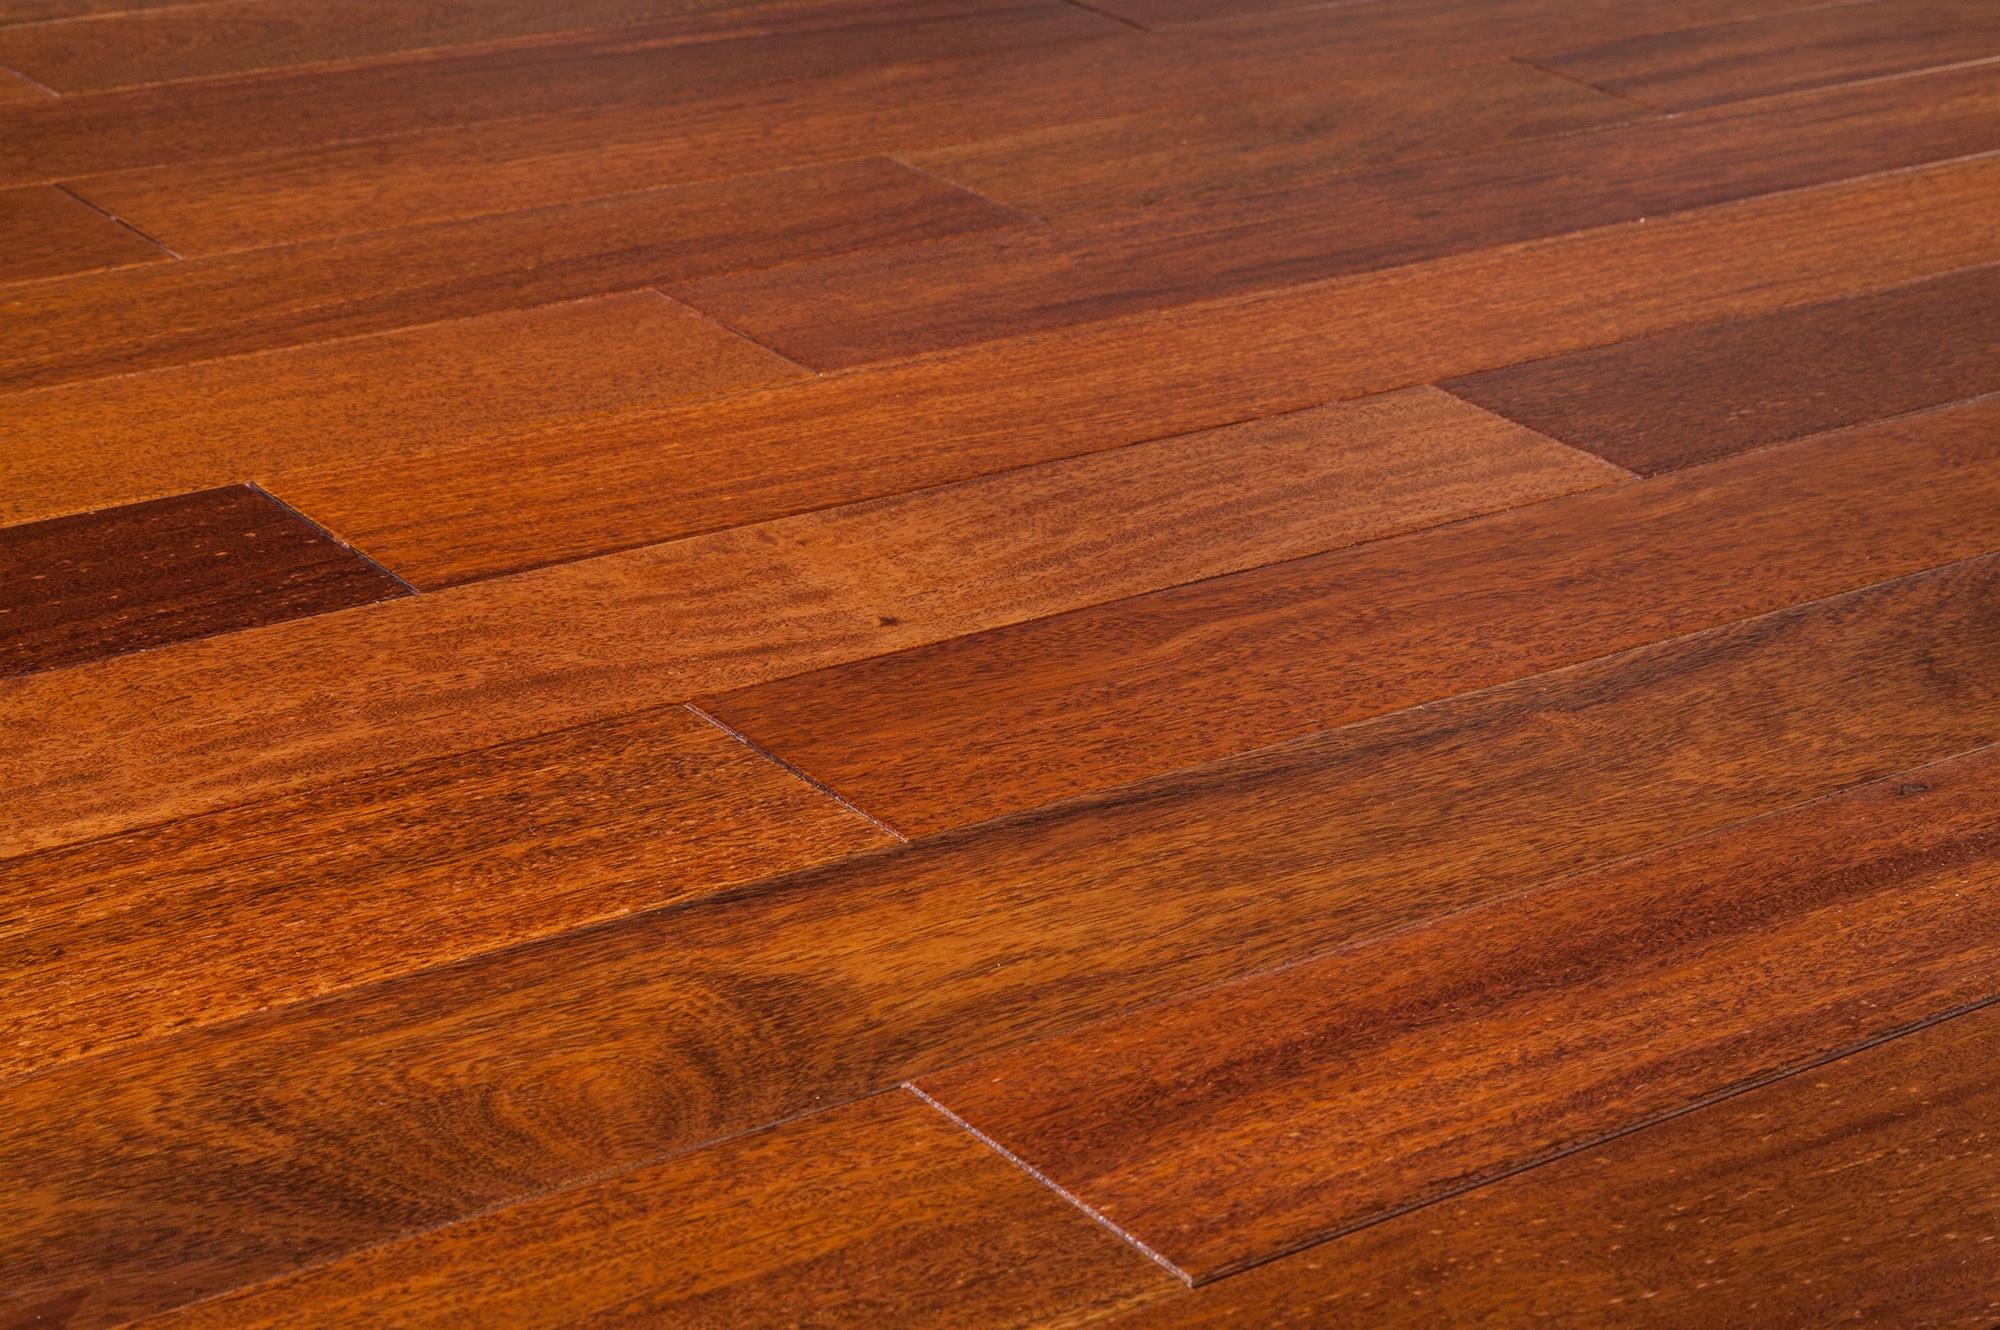 sàn gỗ Căm xe tại Hà Nội sản phẩm sàn gỗ tự nhiên giá rẻ